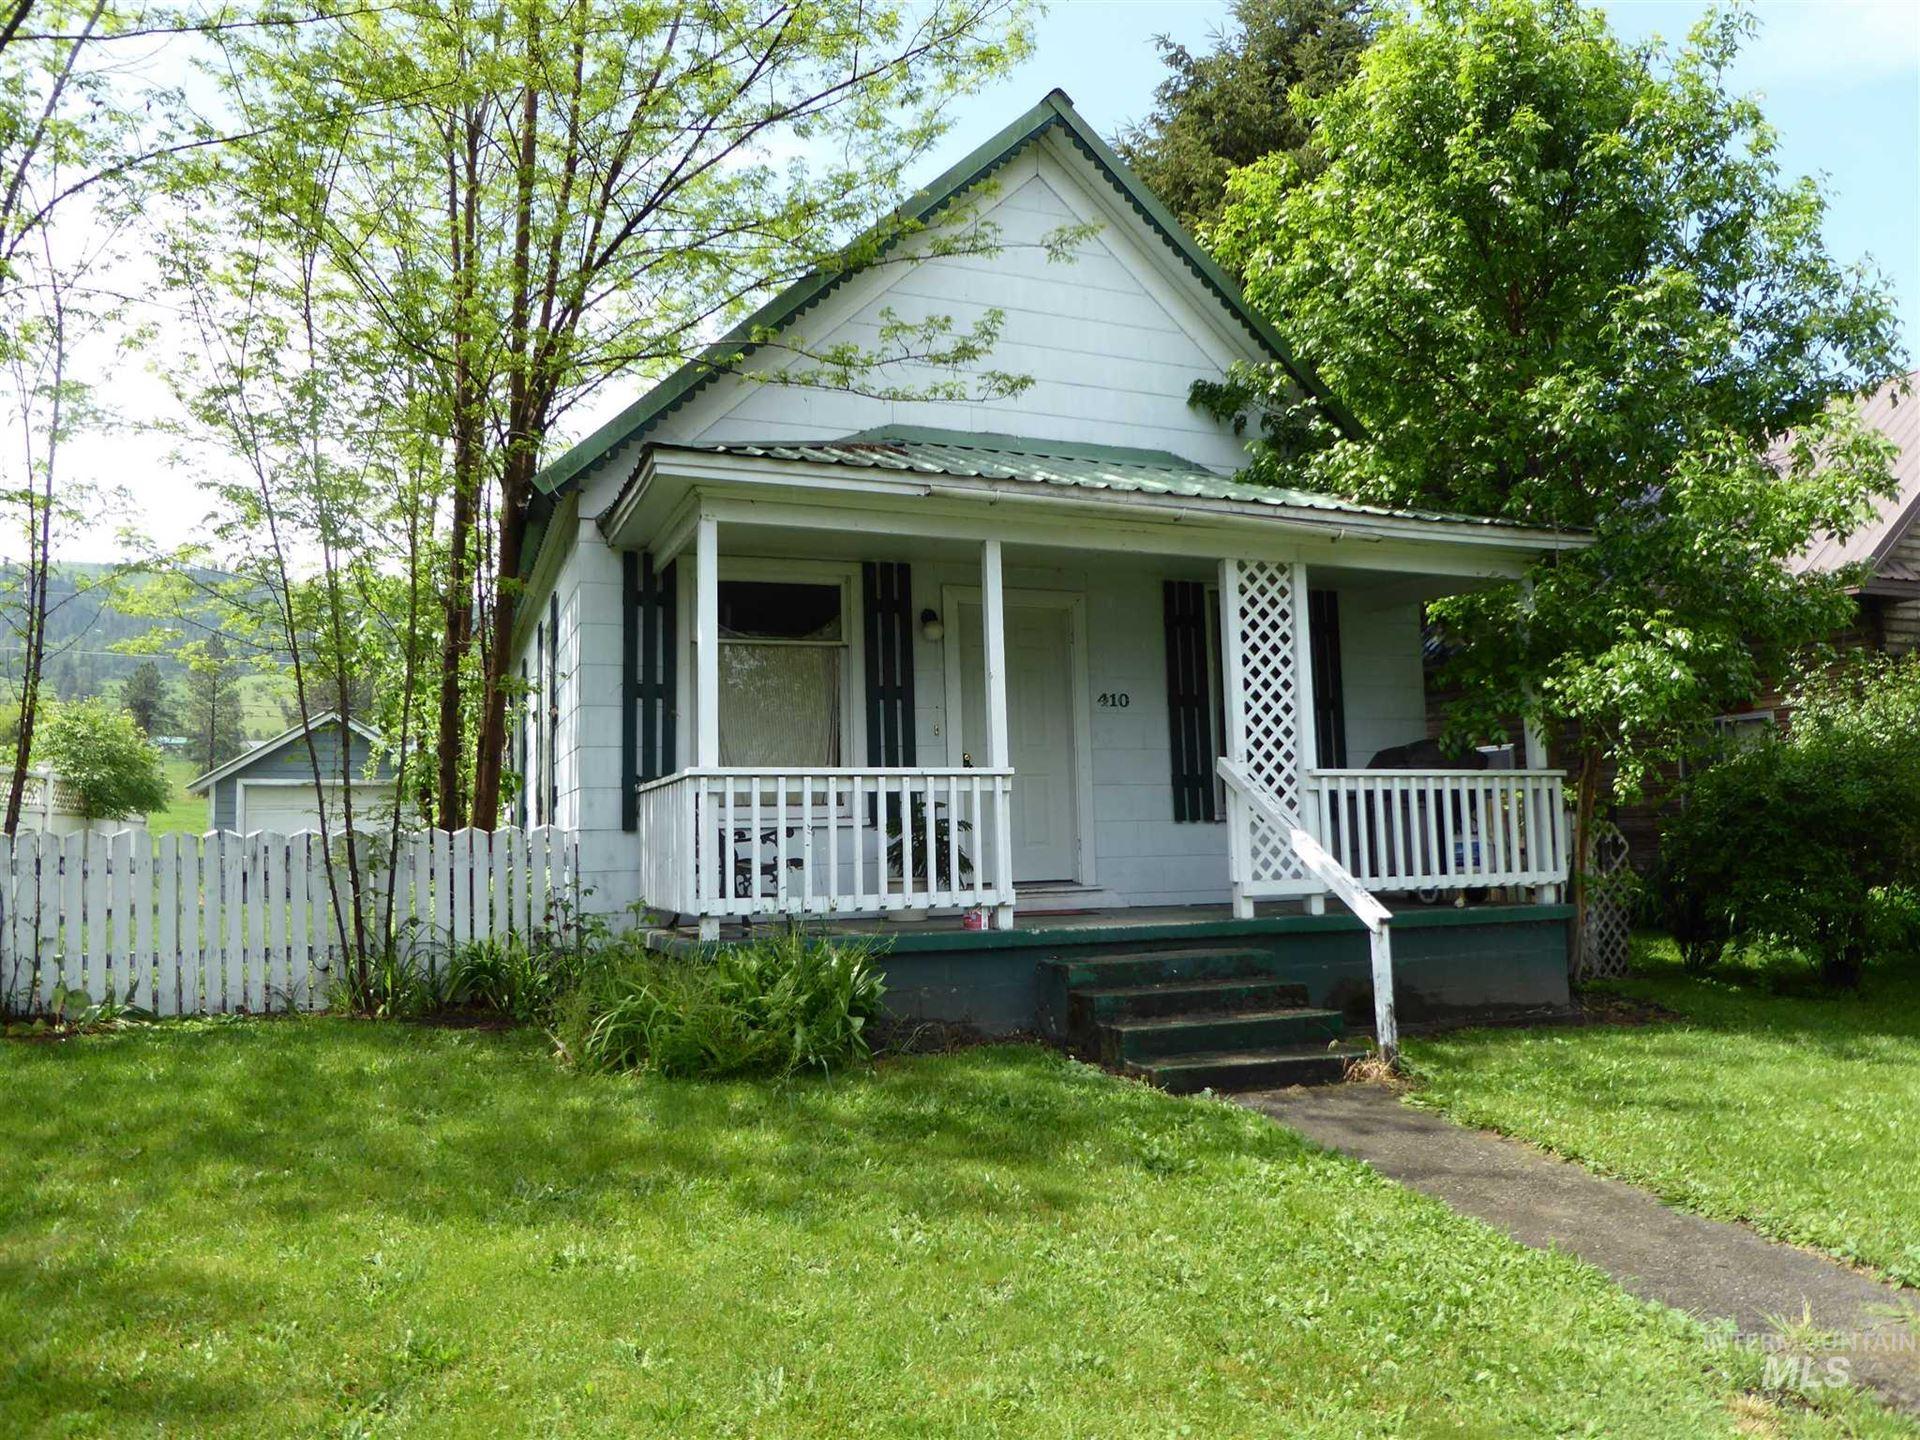 410 Hill Street, Kamiah, ID 83536 - MLS#: 98755452